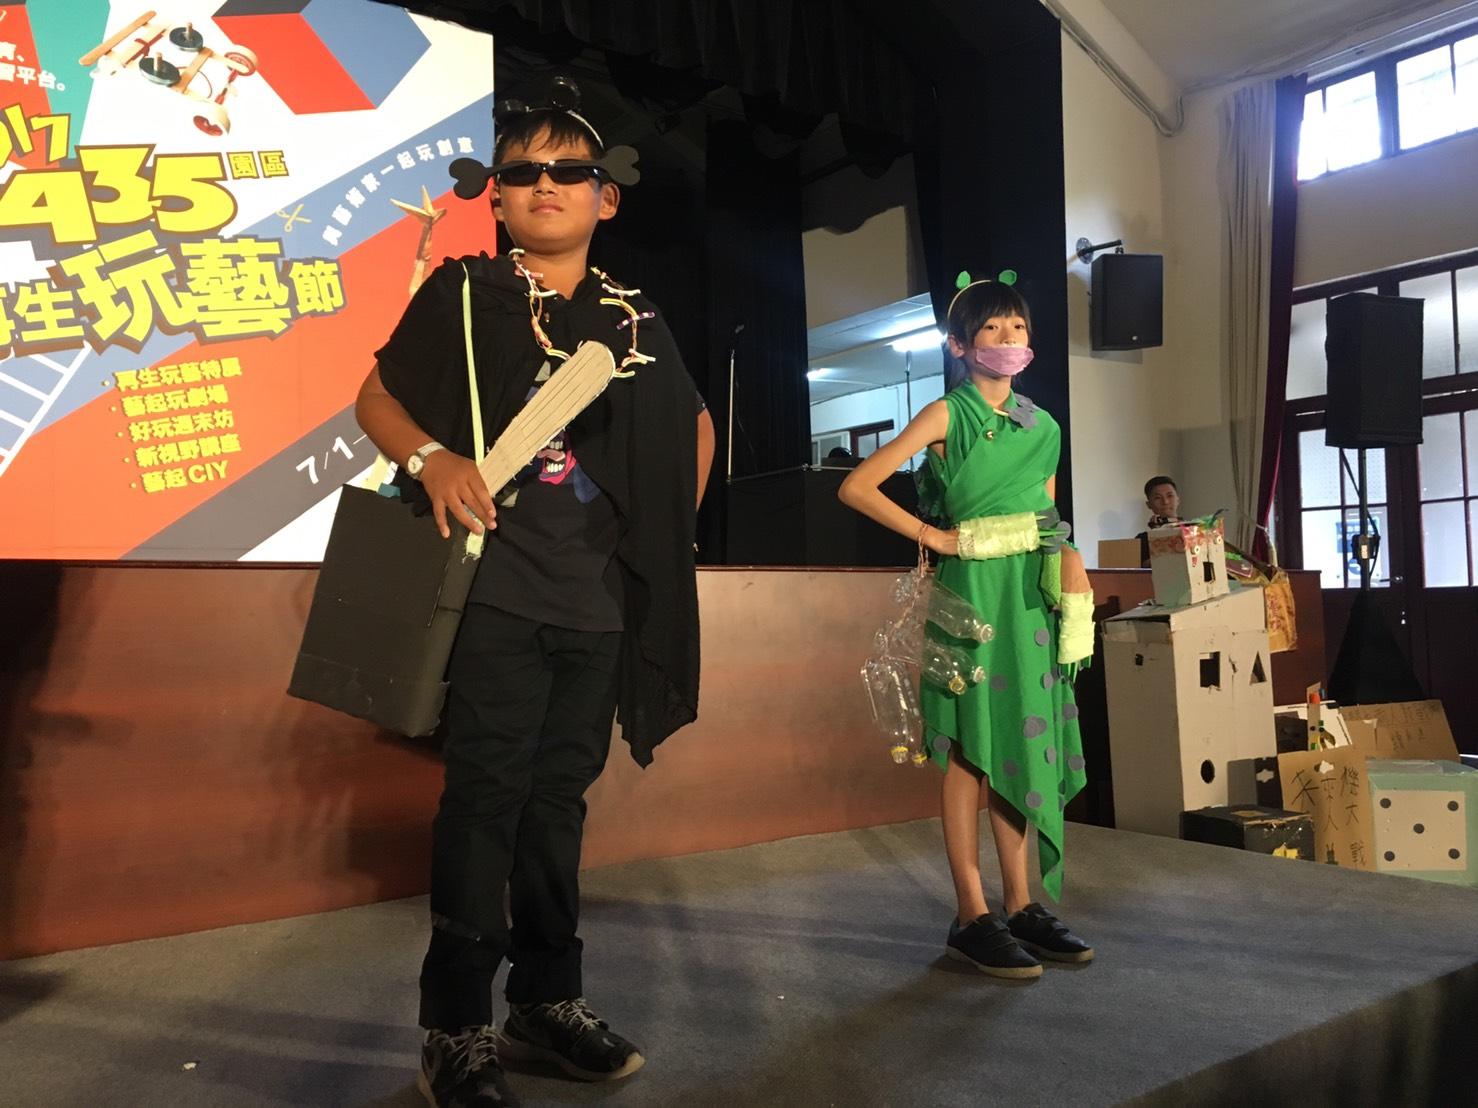 回收物變身未來世界服裝秀 學童創意走秀超吸睛!